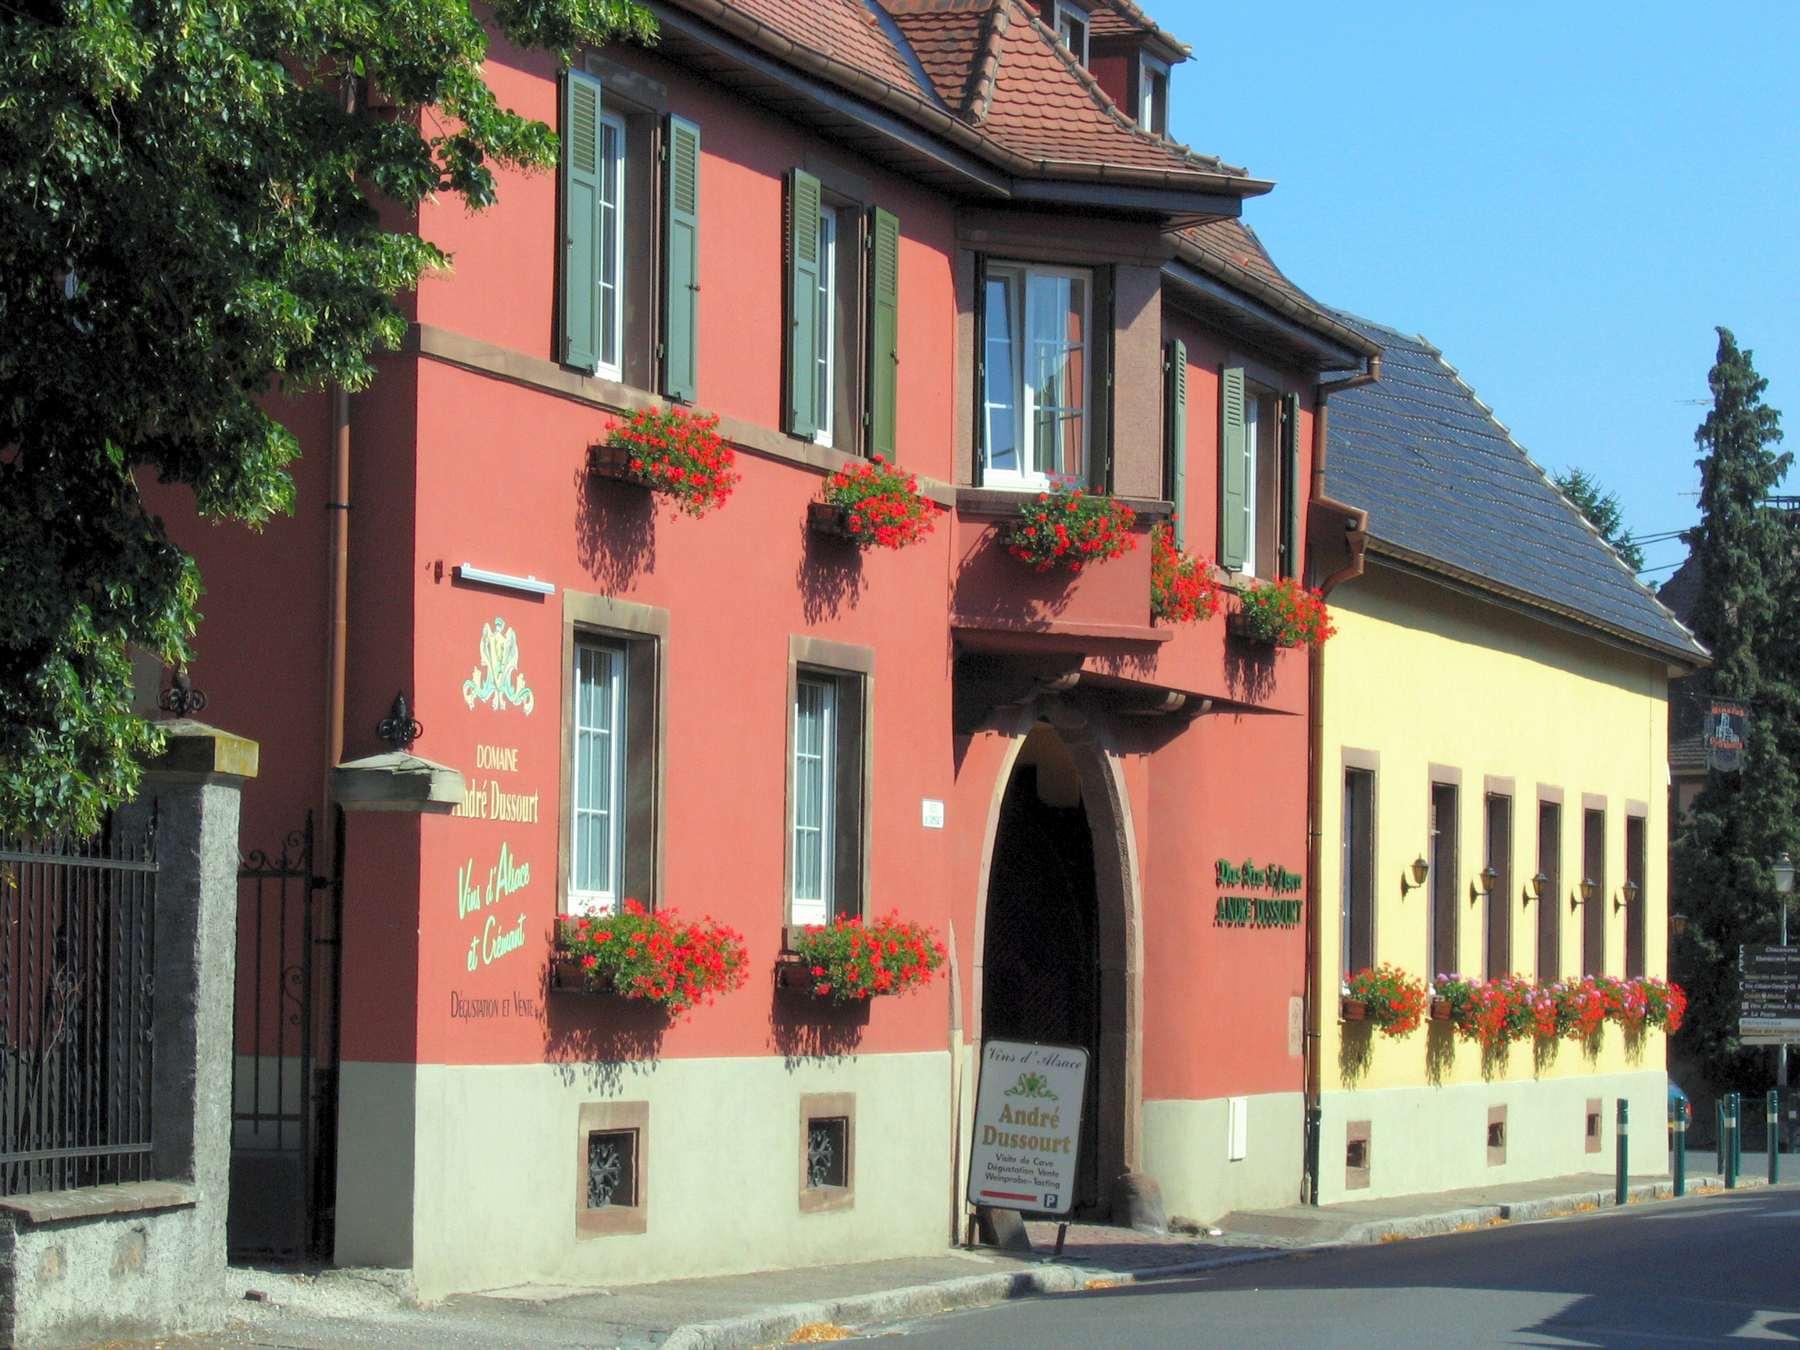 Les vins d'automne au domaine Dussourt - Scherwiller